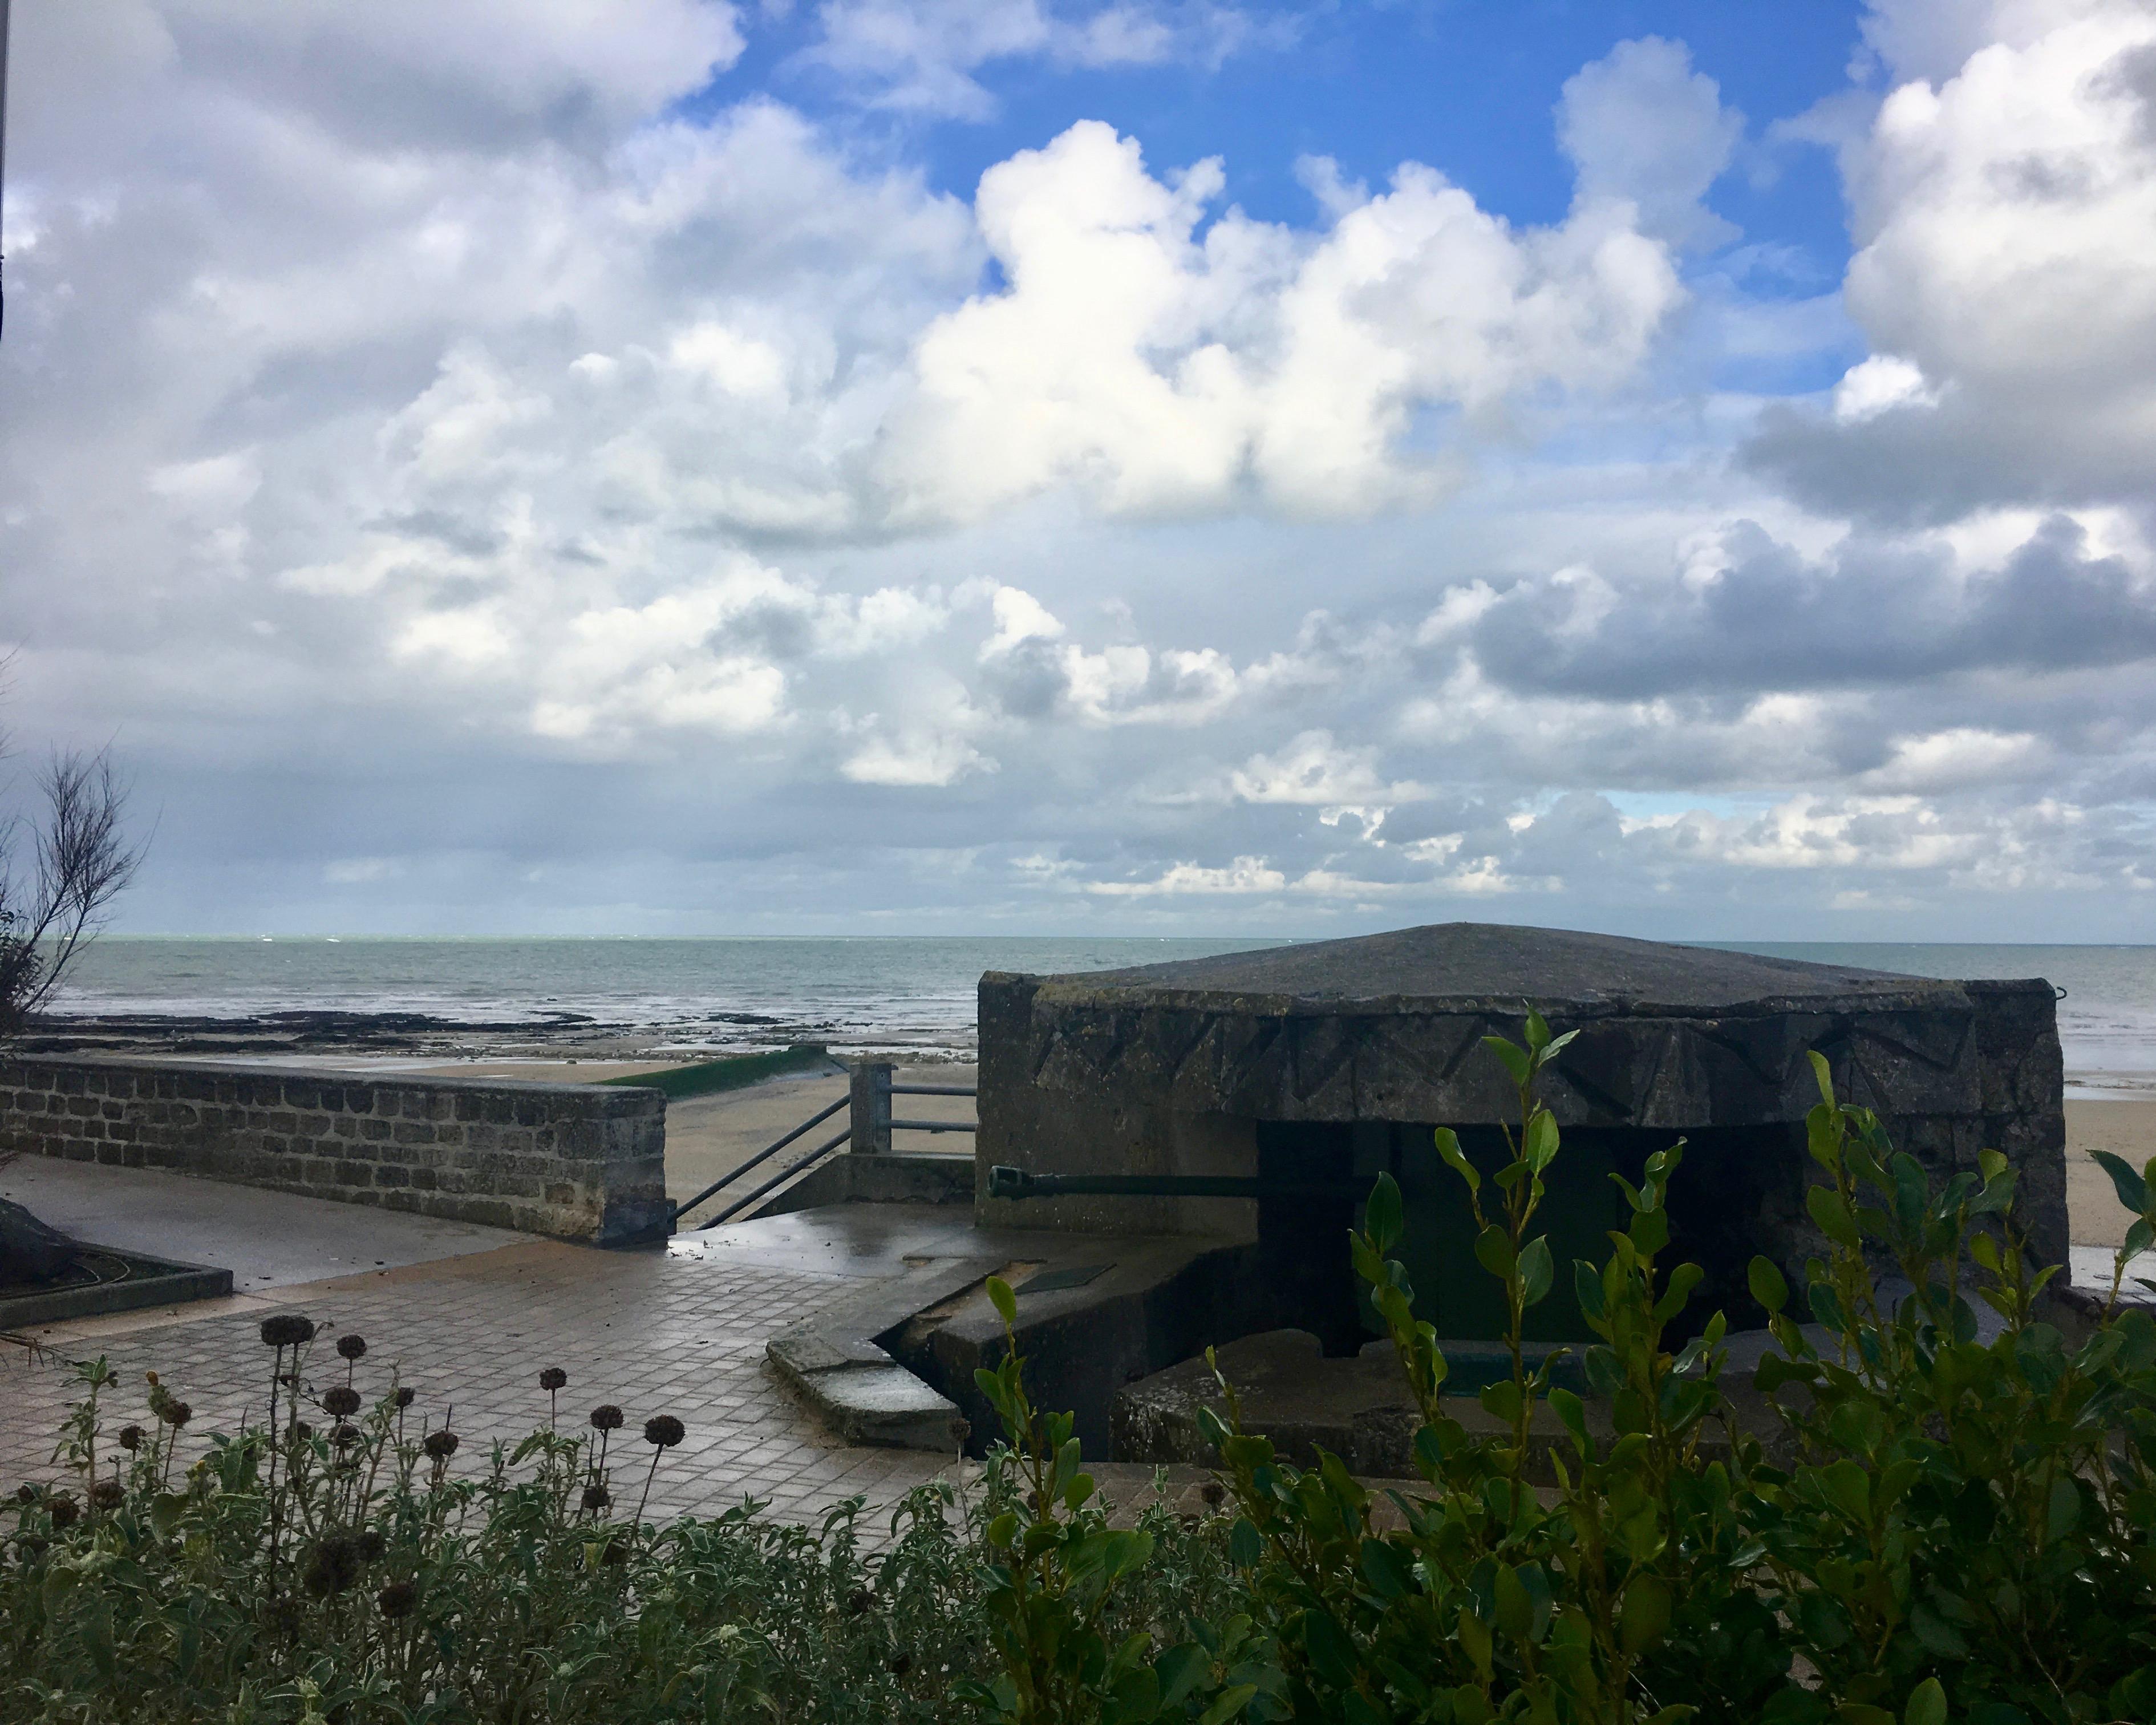 Bunker am Strand von Saint Aubin-sur-Mer Normandie Frankreich